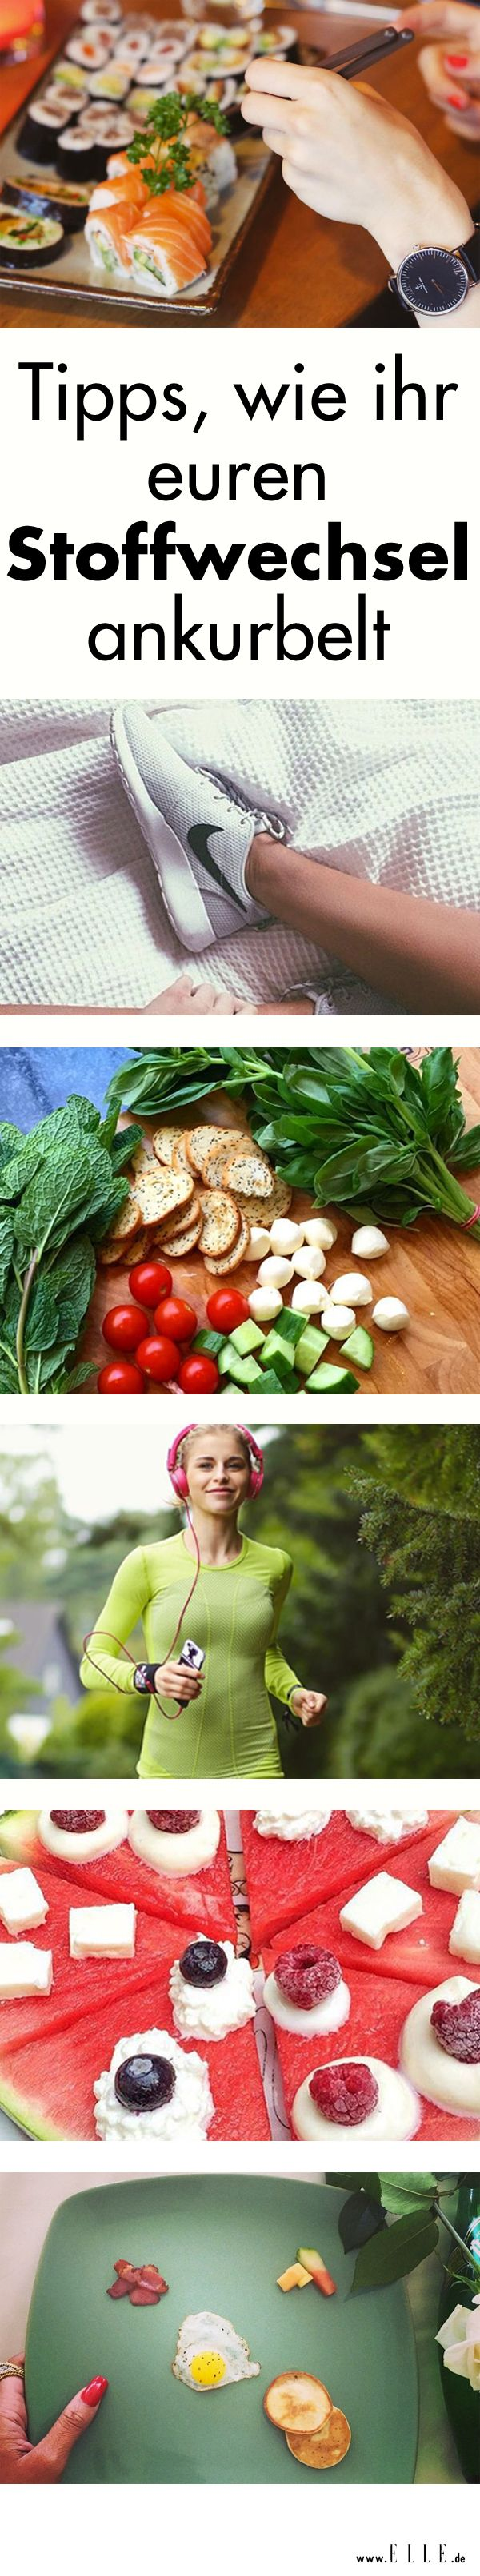 Kohlenhydratarme Diäten, hochintensives Training und Grüne Smoothies – all das bringt nichts auf dem Weg zum Traumgewicht, wenn der Stoffwechsel nicht mitspielt. Wie der Metabolismus auf Touren kommt, erfahrt ihr hier.